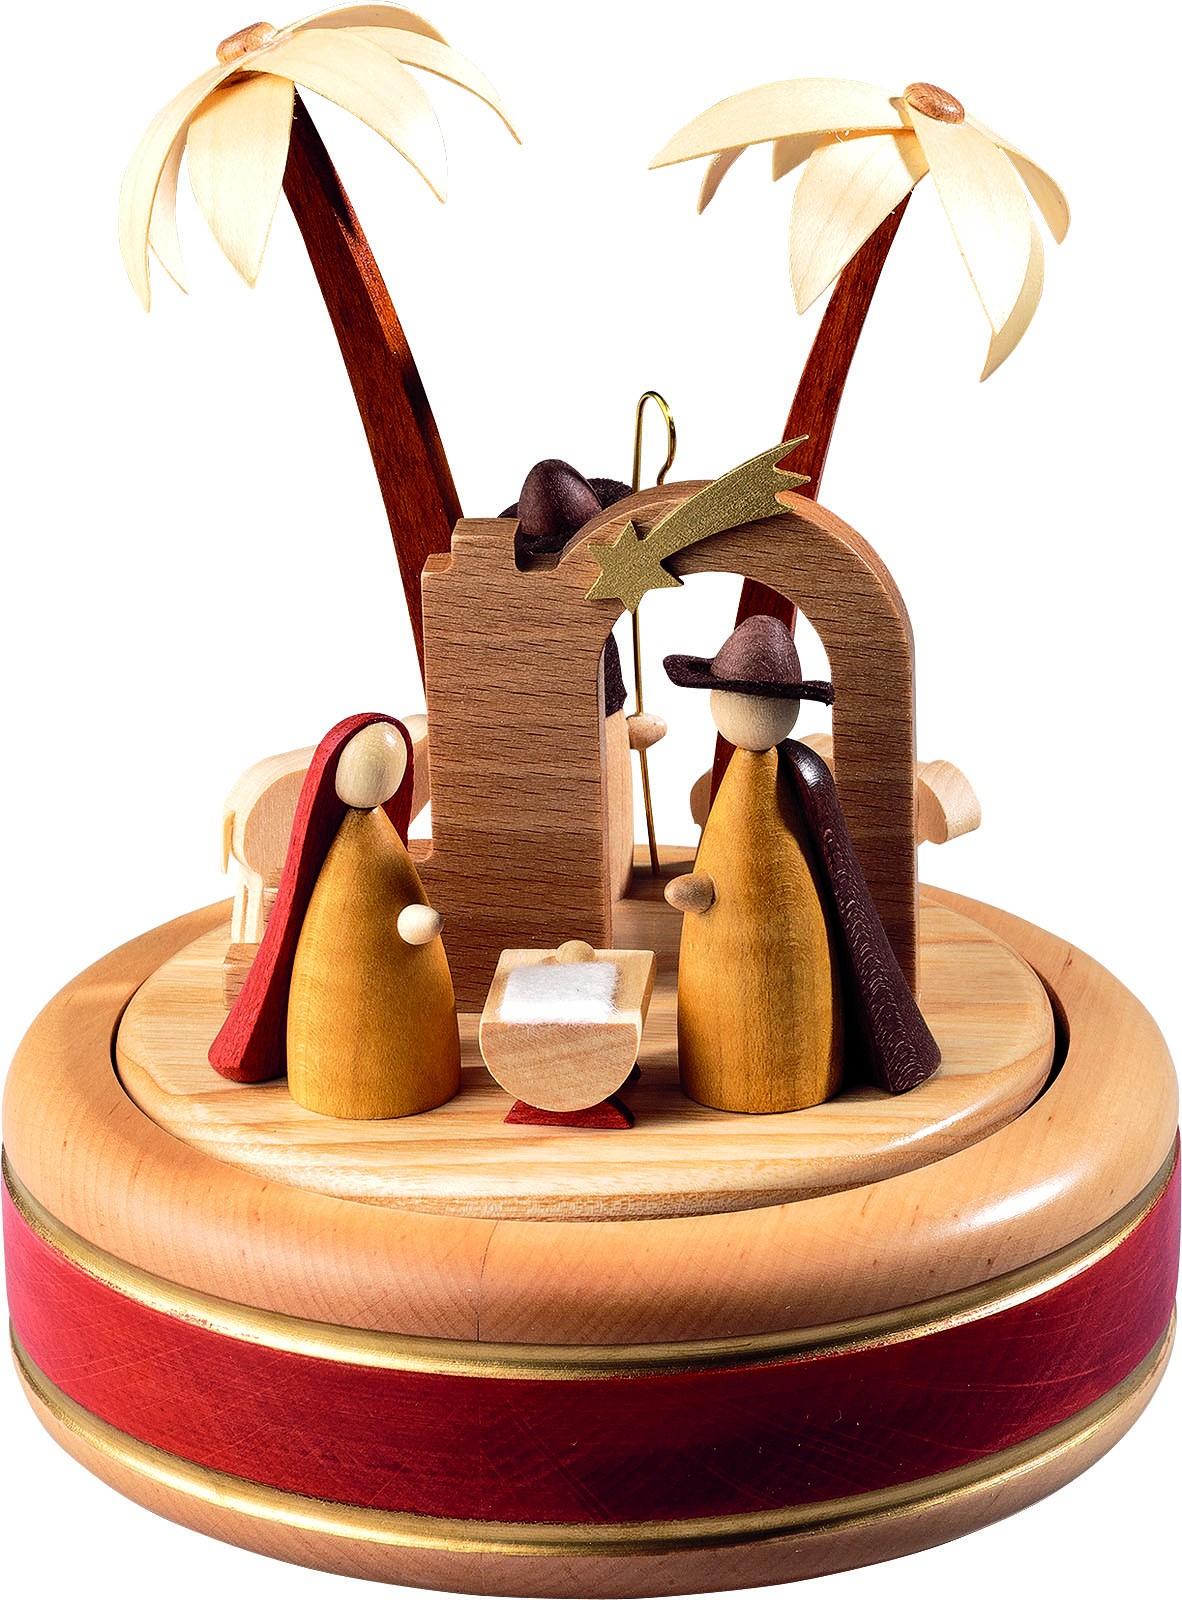 Spieldose Christi Geburt, 22-st. Spw. Stille Nacht, neues Naturholzdesign